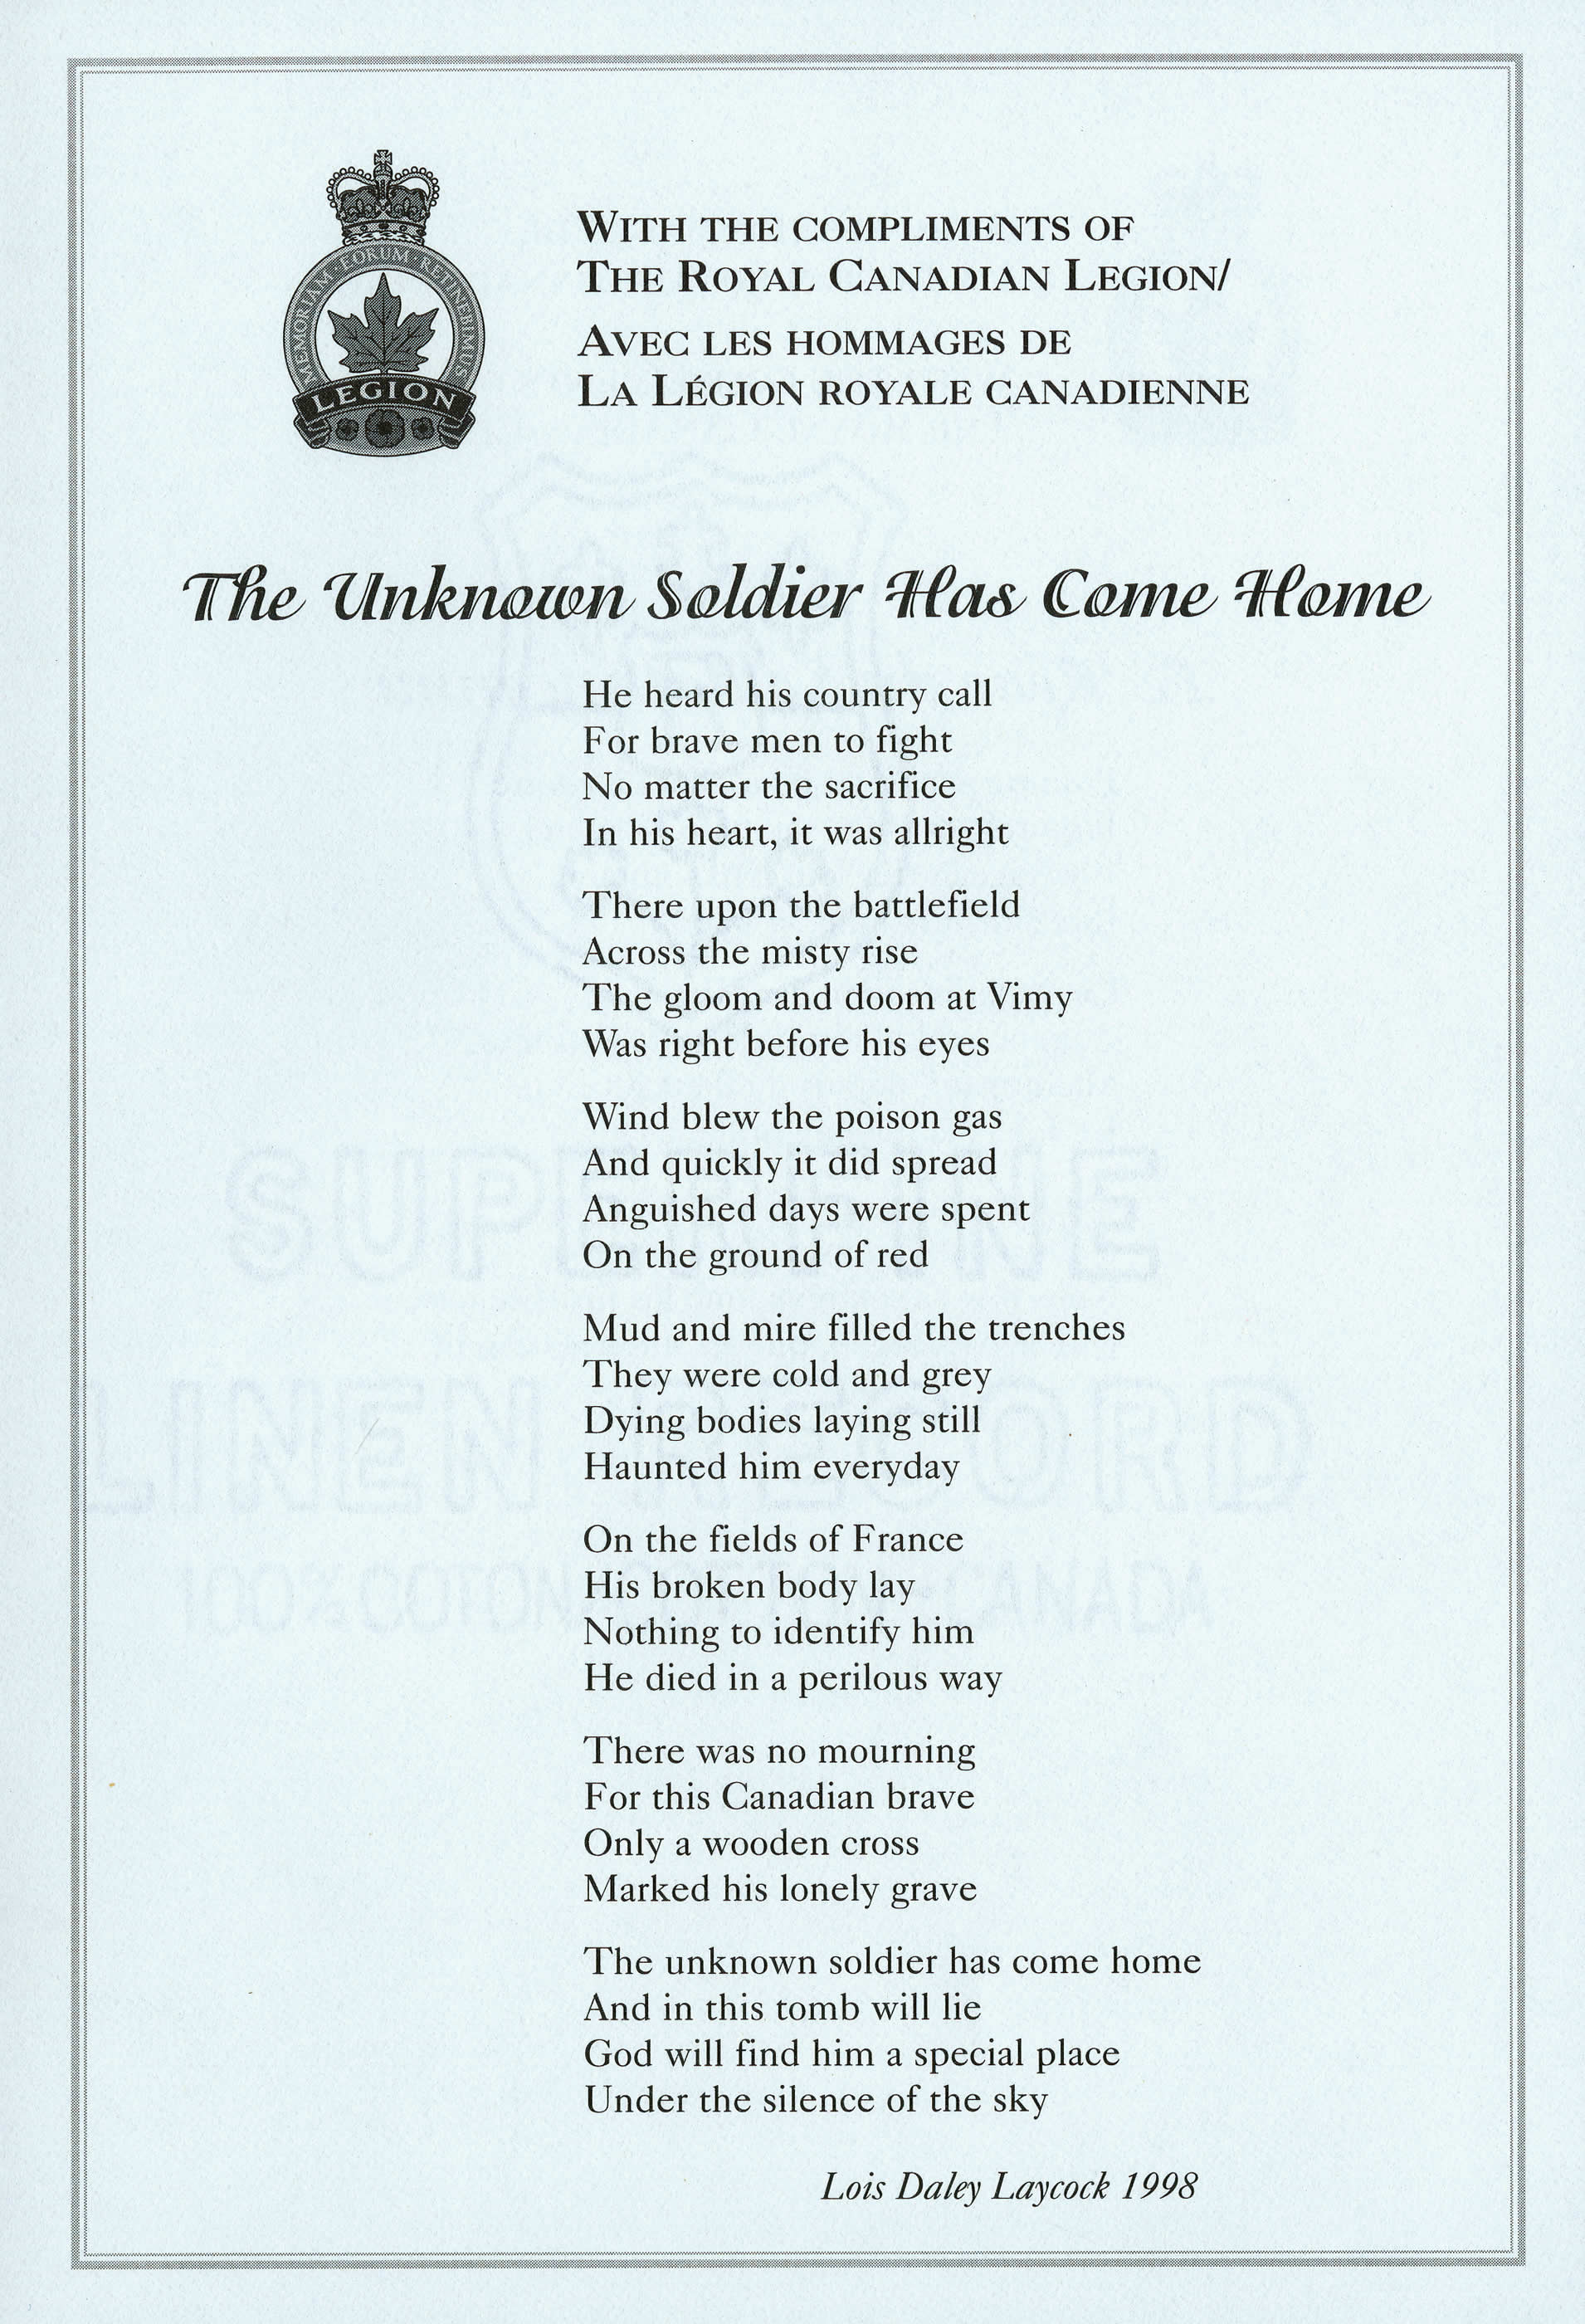 <i>The Unknown Soldier Has Come Home (Le soldat inconnu est rentré chez lui)</i>